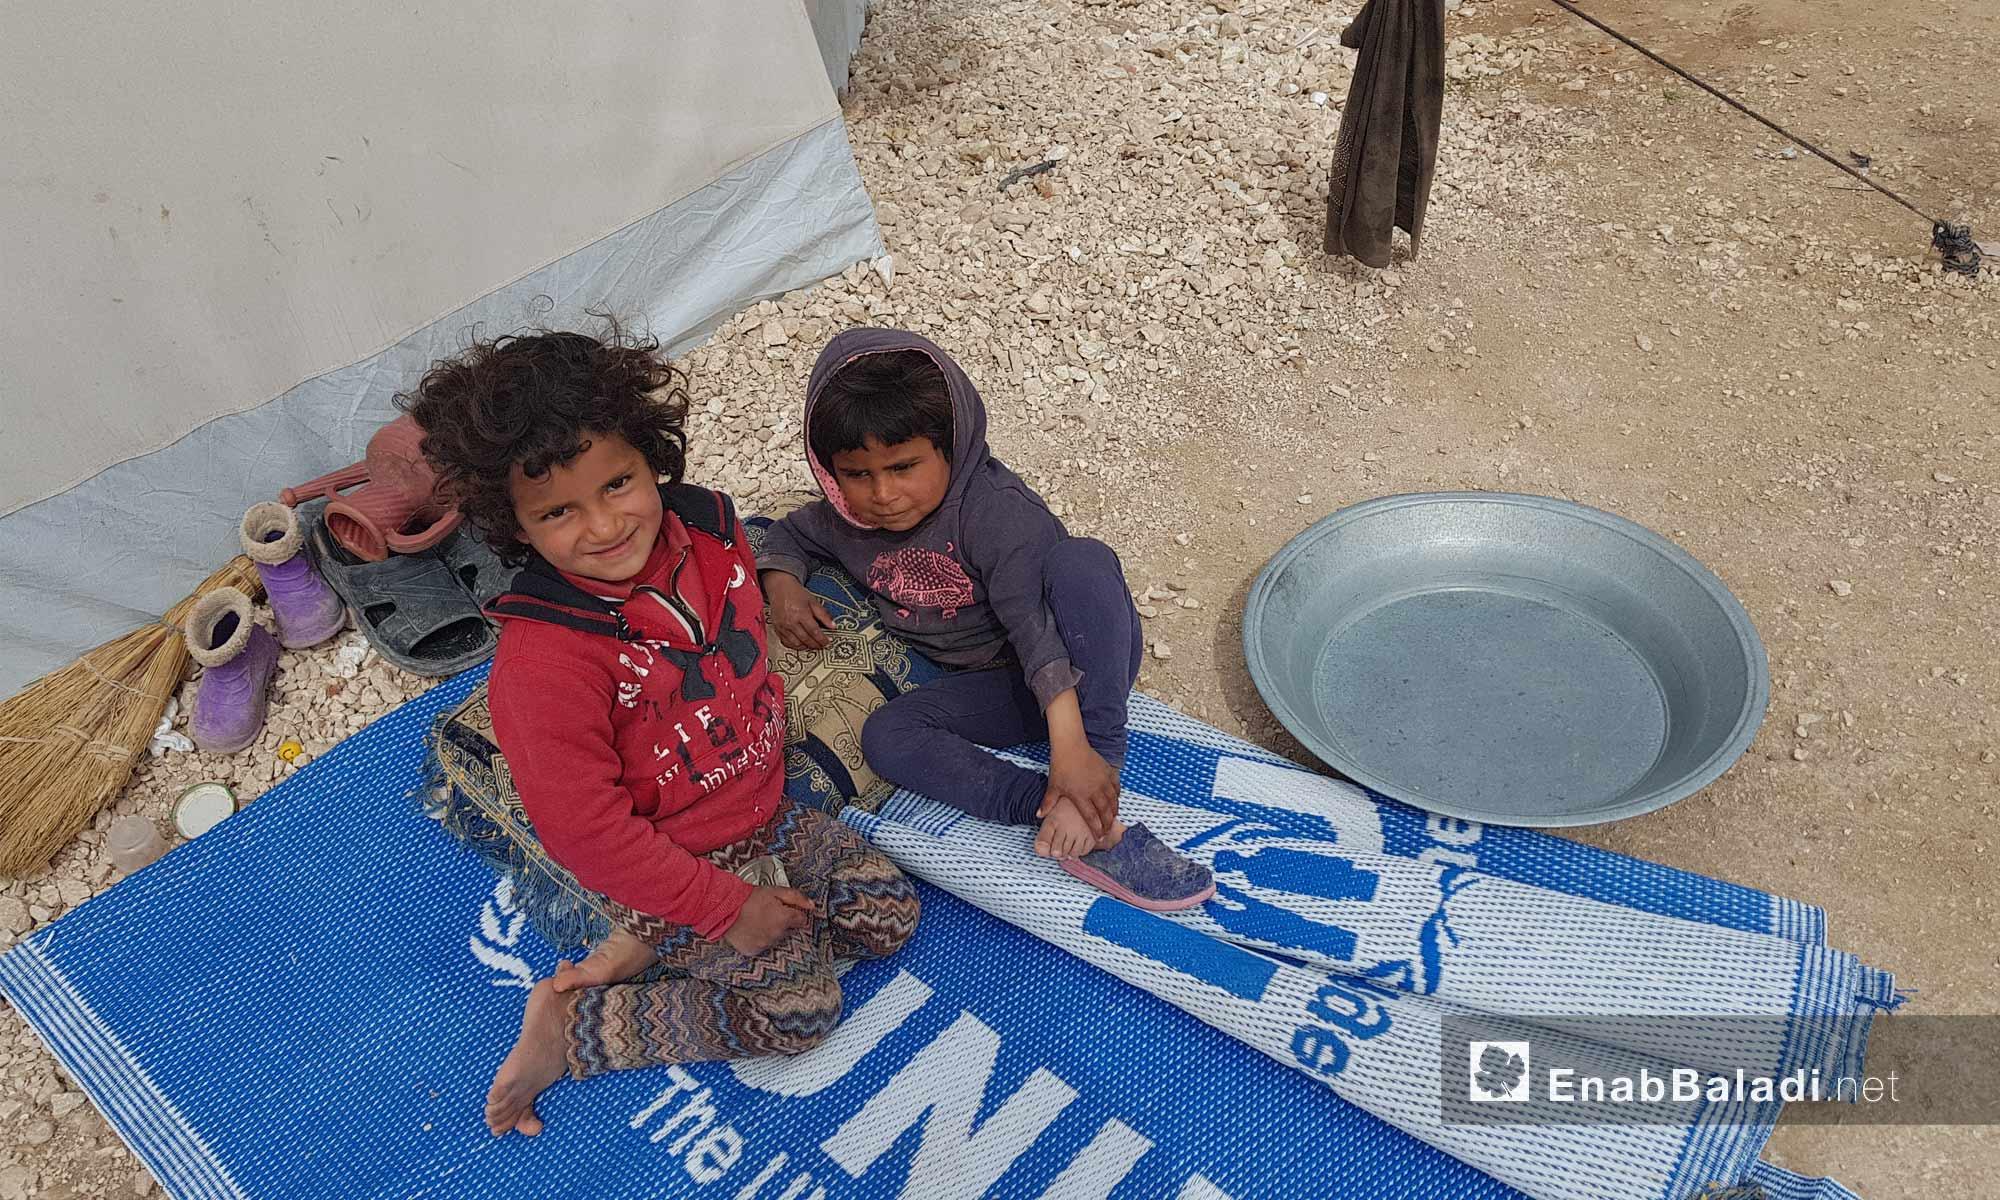 طفلتان تجلسان بالقرب من خيمة في مخيم العريشة بريف الحسكة الجنوبي - 9 آذار 2018 (عنب بلدي)